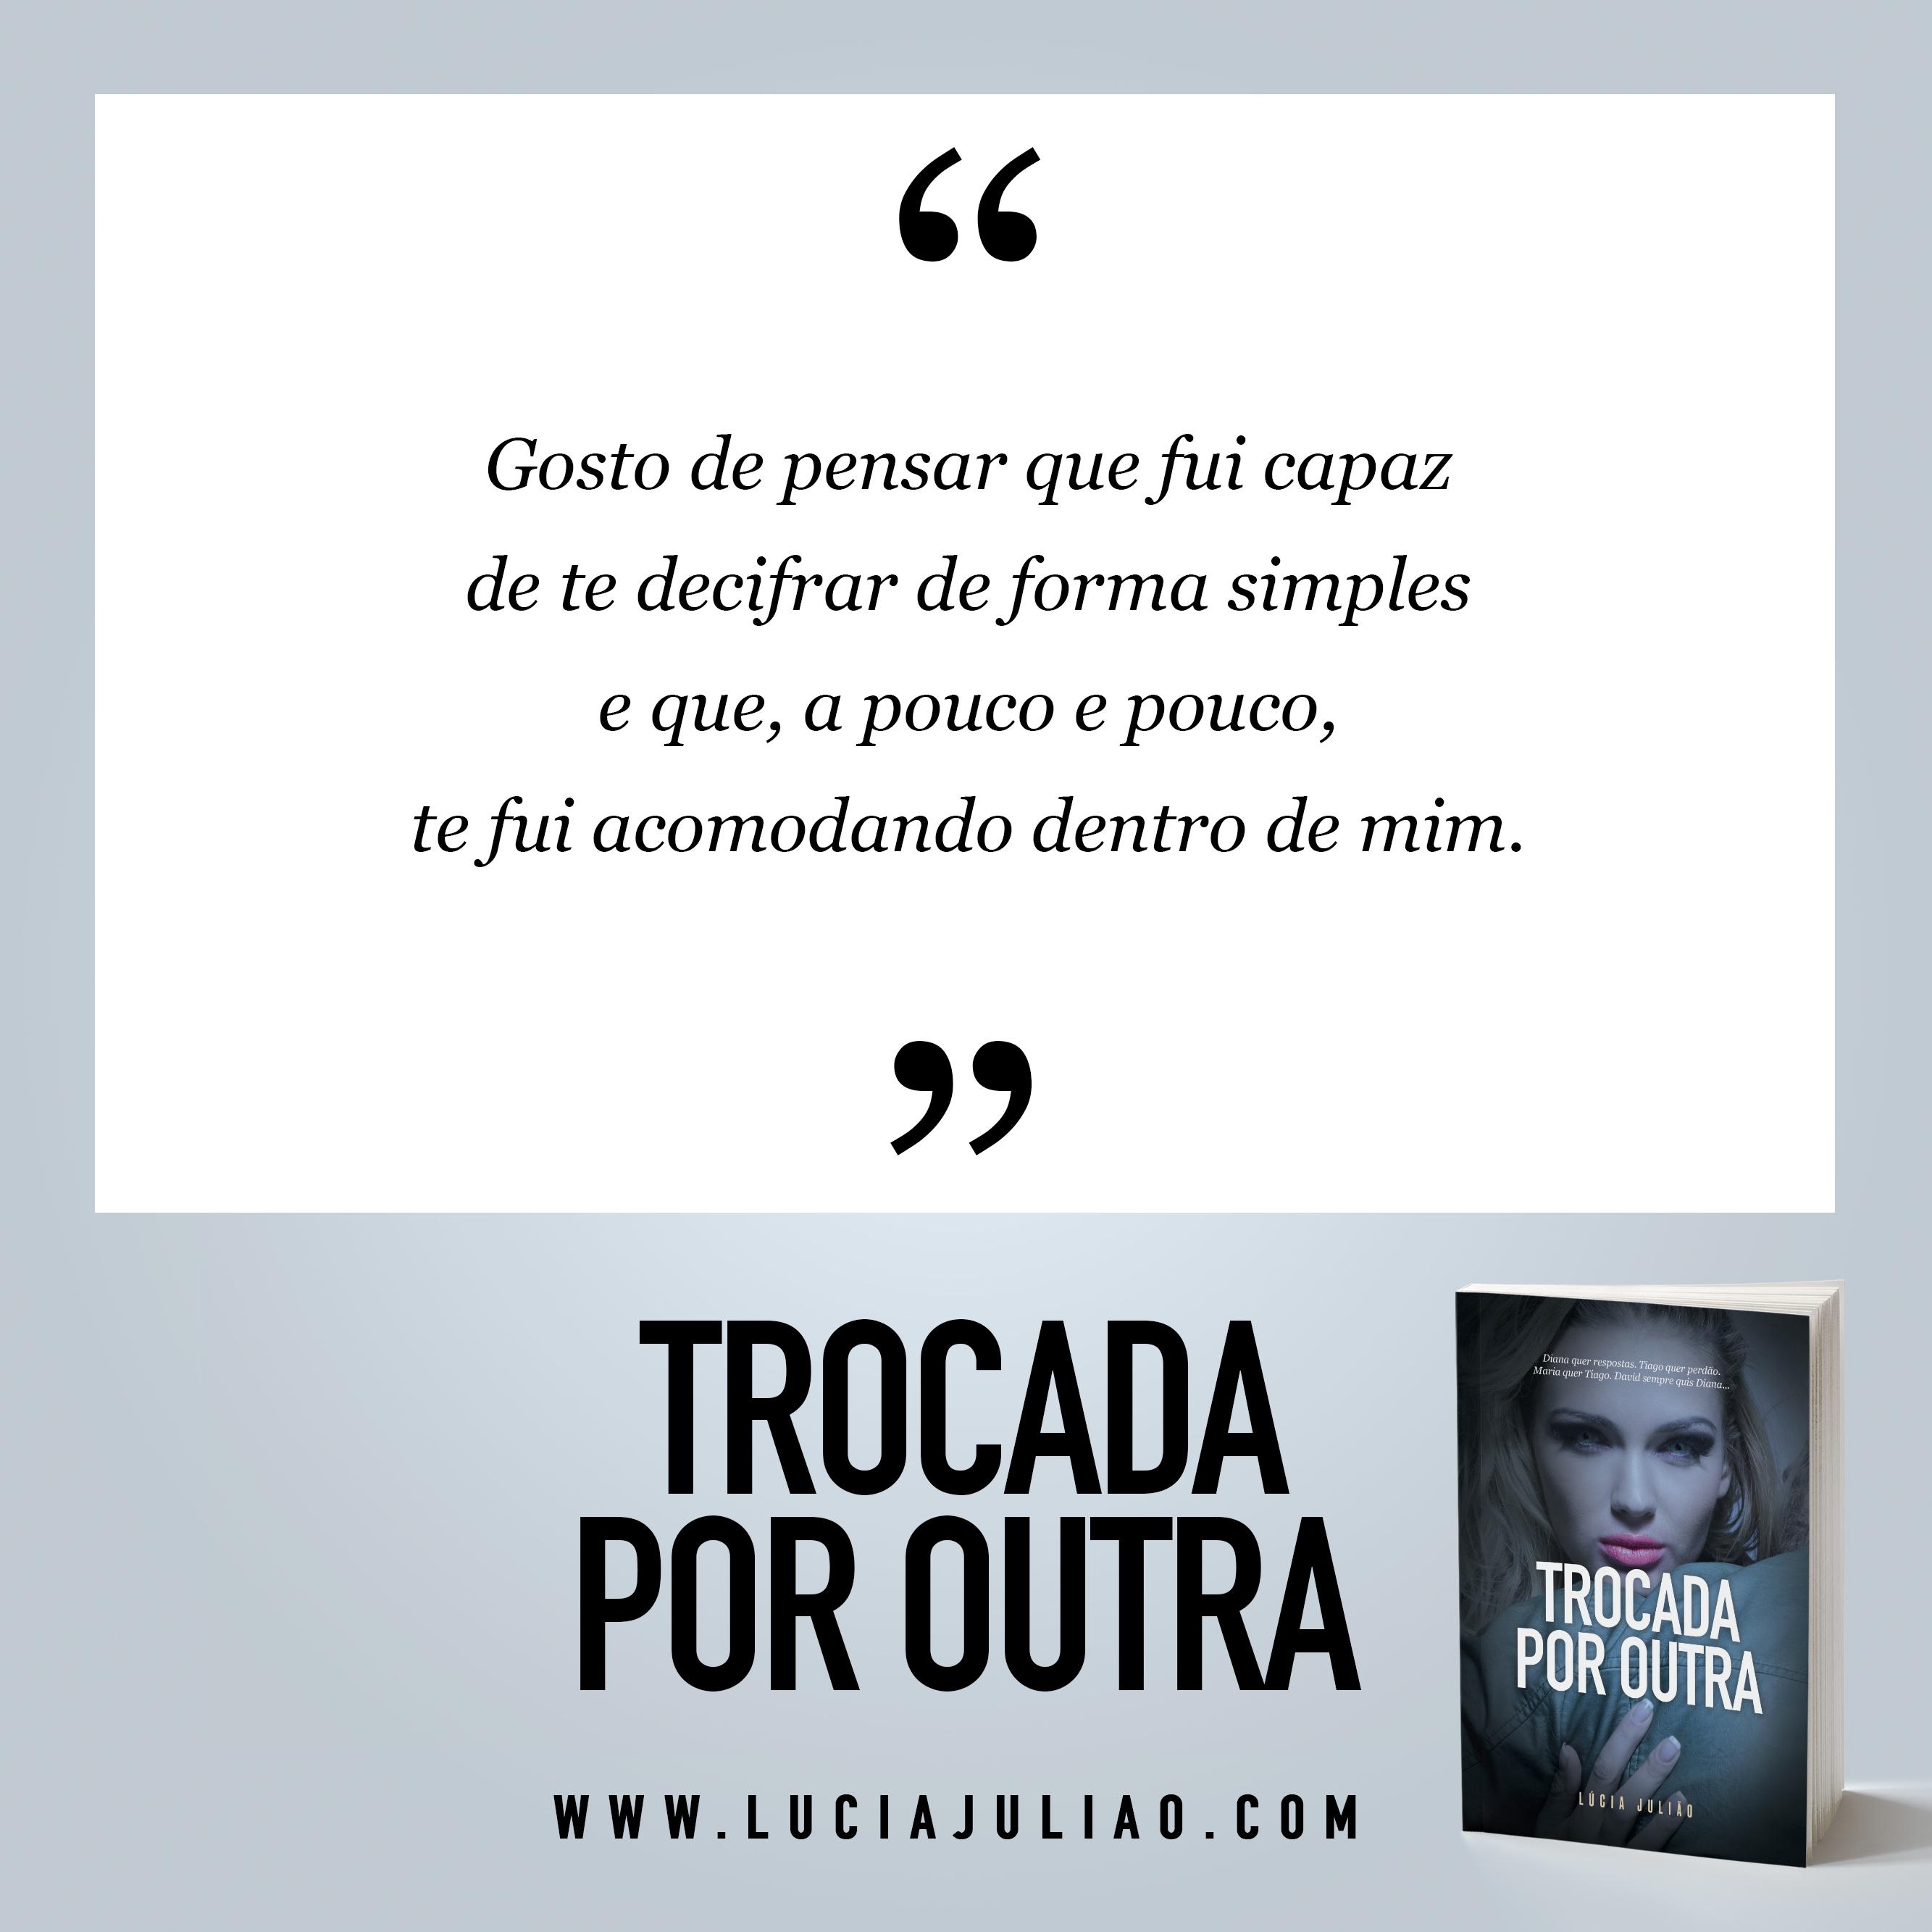 015Q - capítulo 4 - Trocada por outra - Lúcia Julião